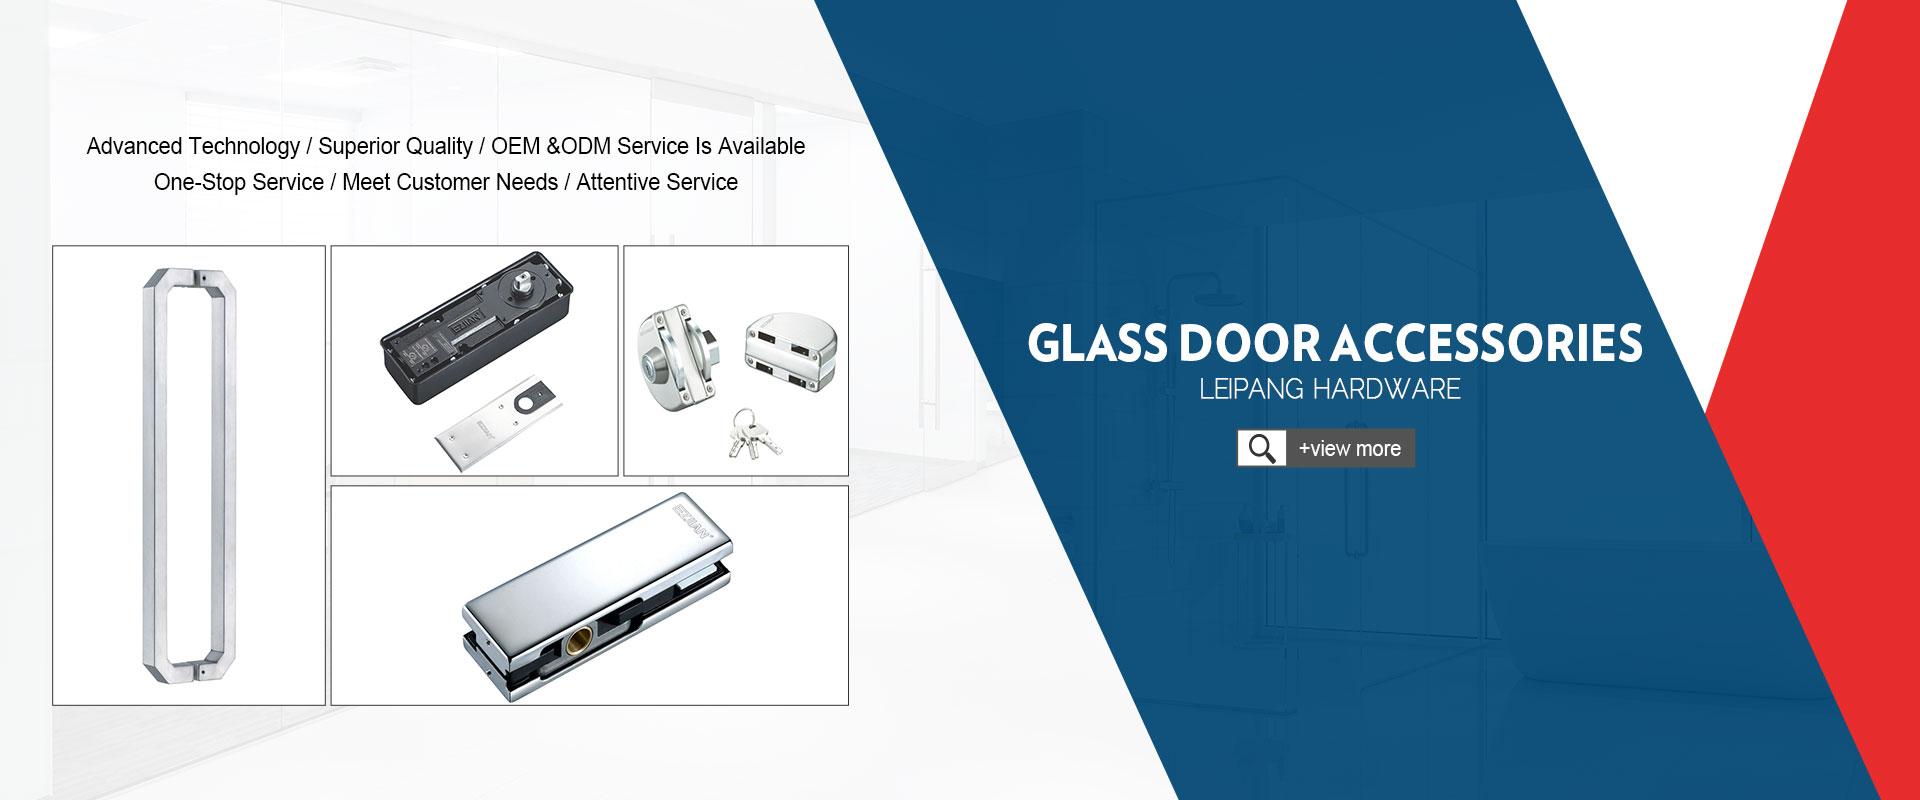 Glass Door Accessories